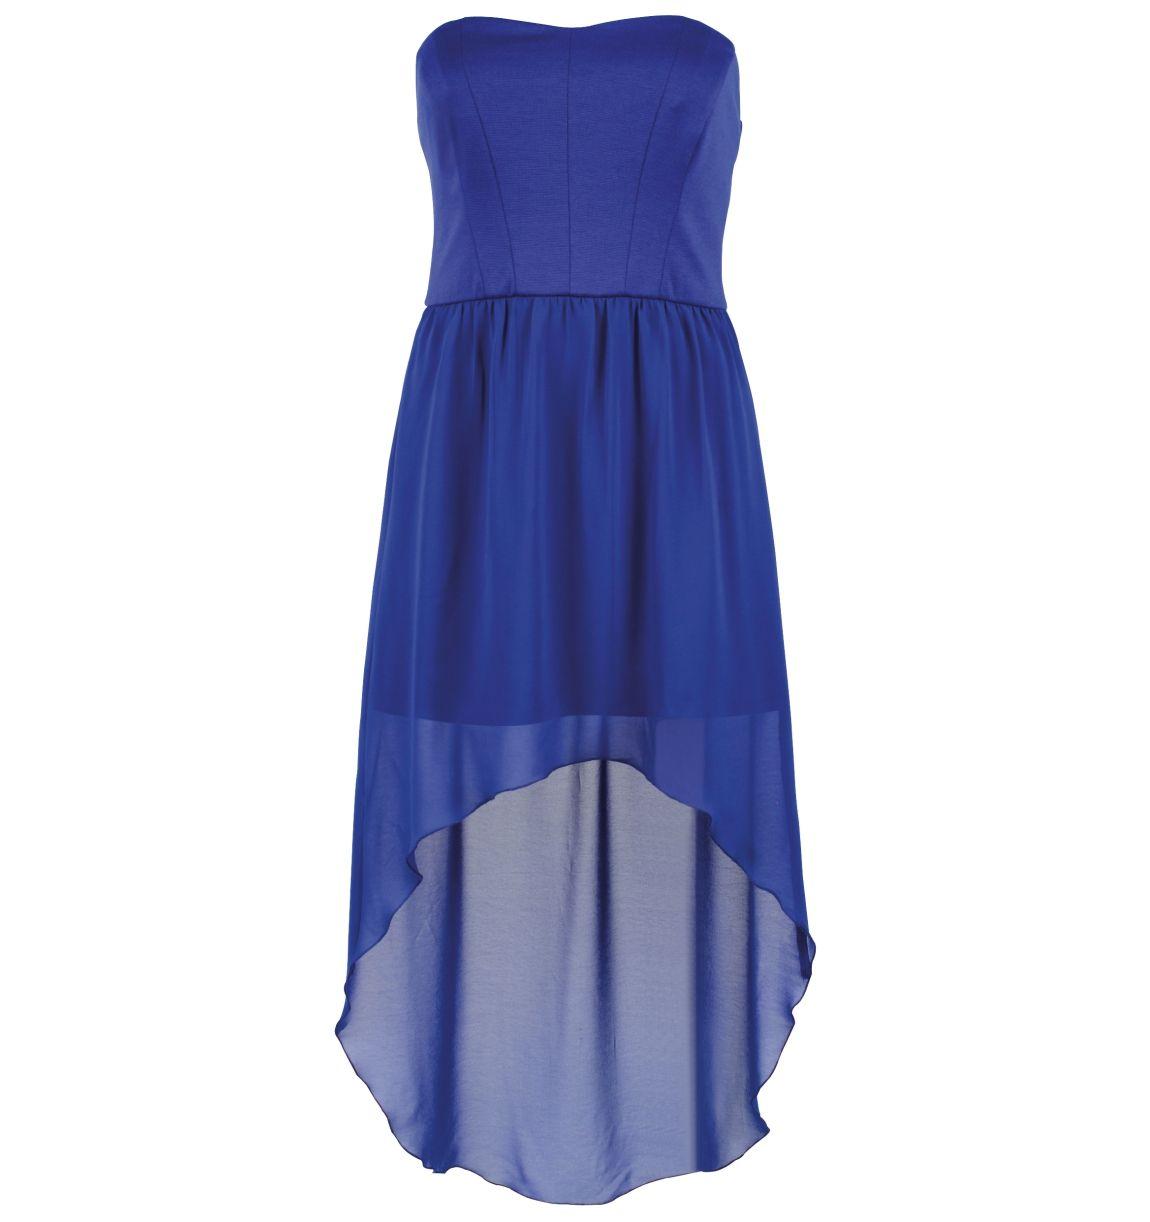 High Low Dress - Foschini R360.00 | LookBook | Dresses ...